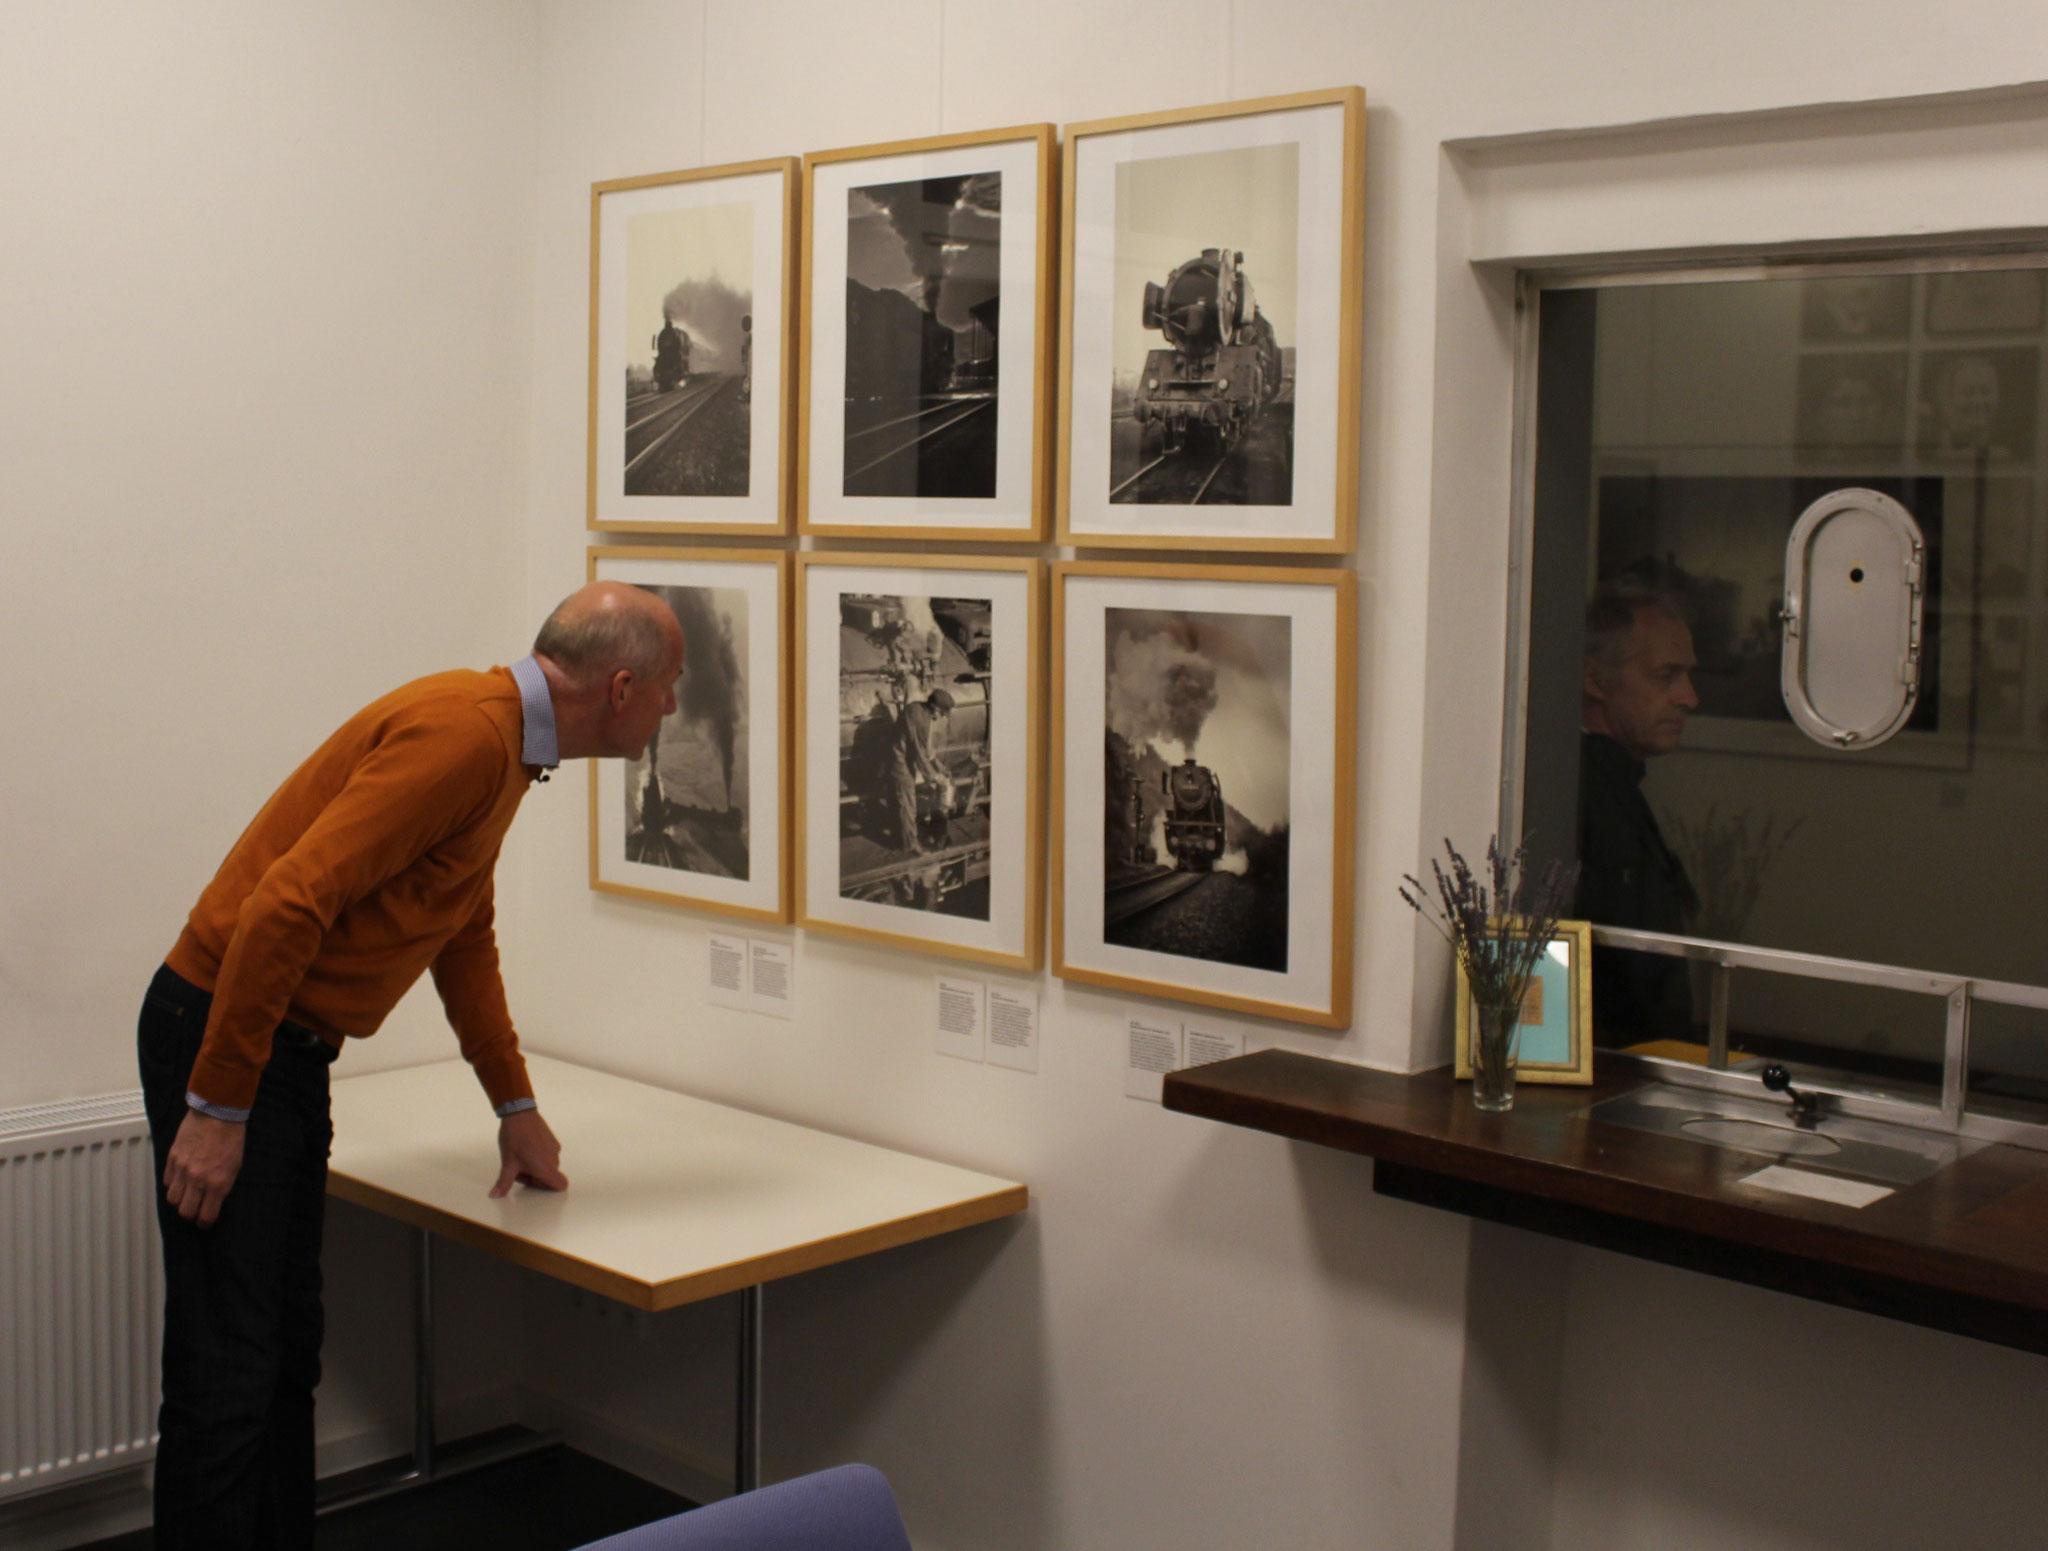 Gerd Lübbering wirft vor Ausstellungsbeginn einen letzten prüfenden Blick auf die ausgestellten Bilder.